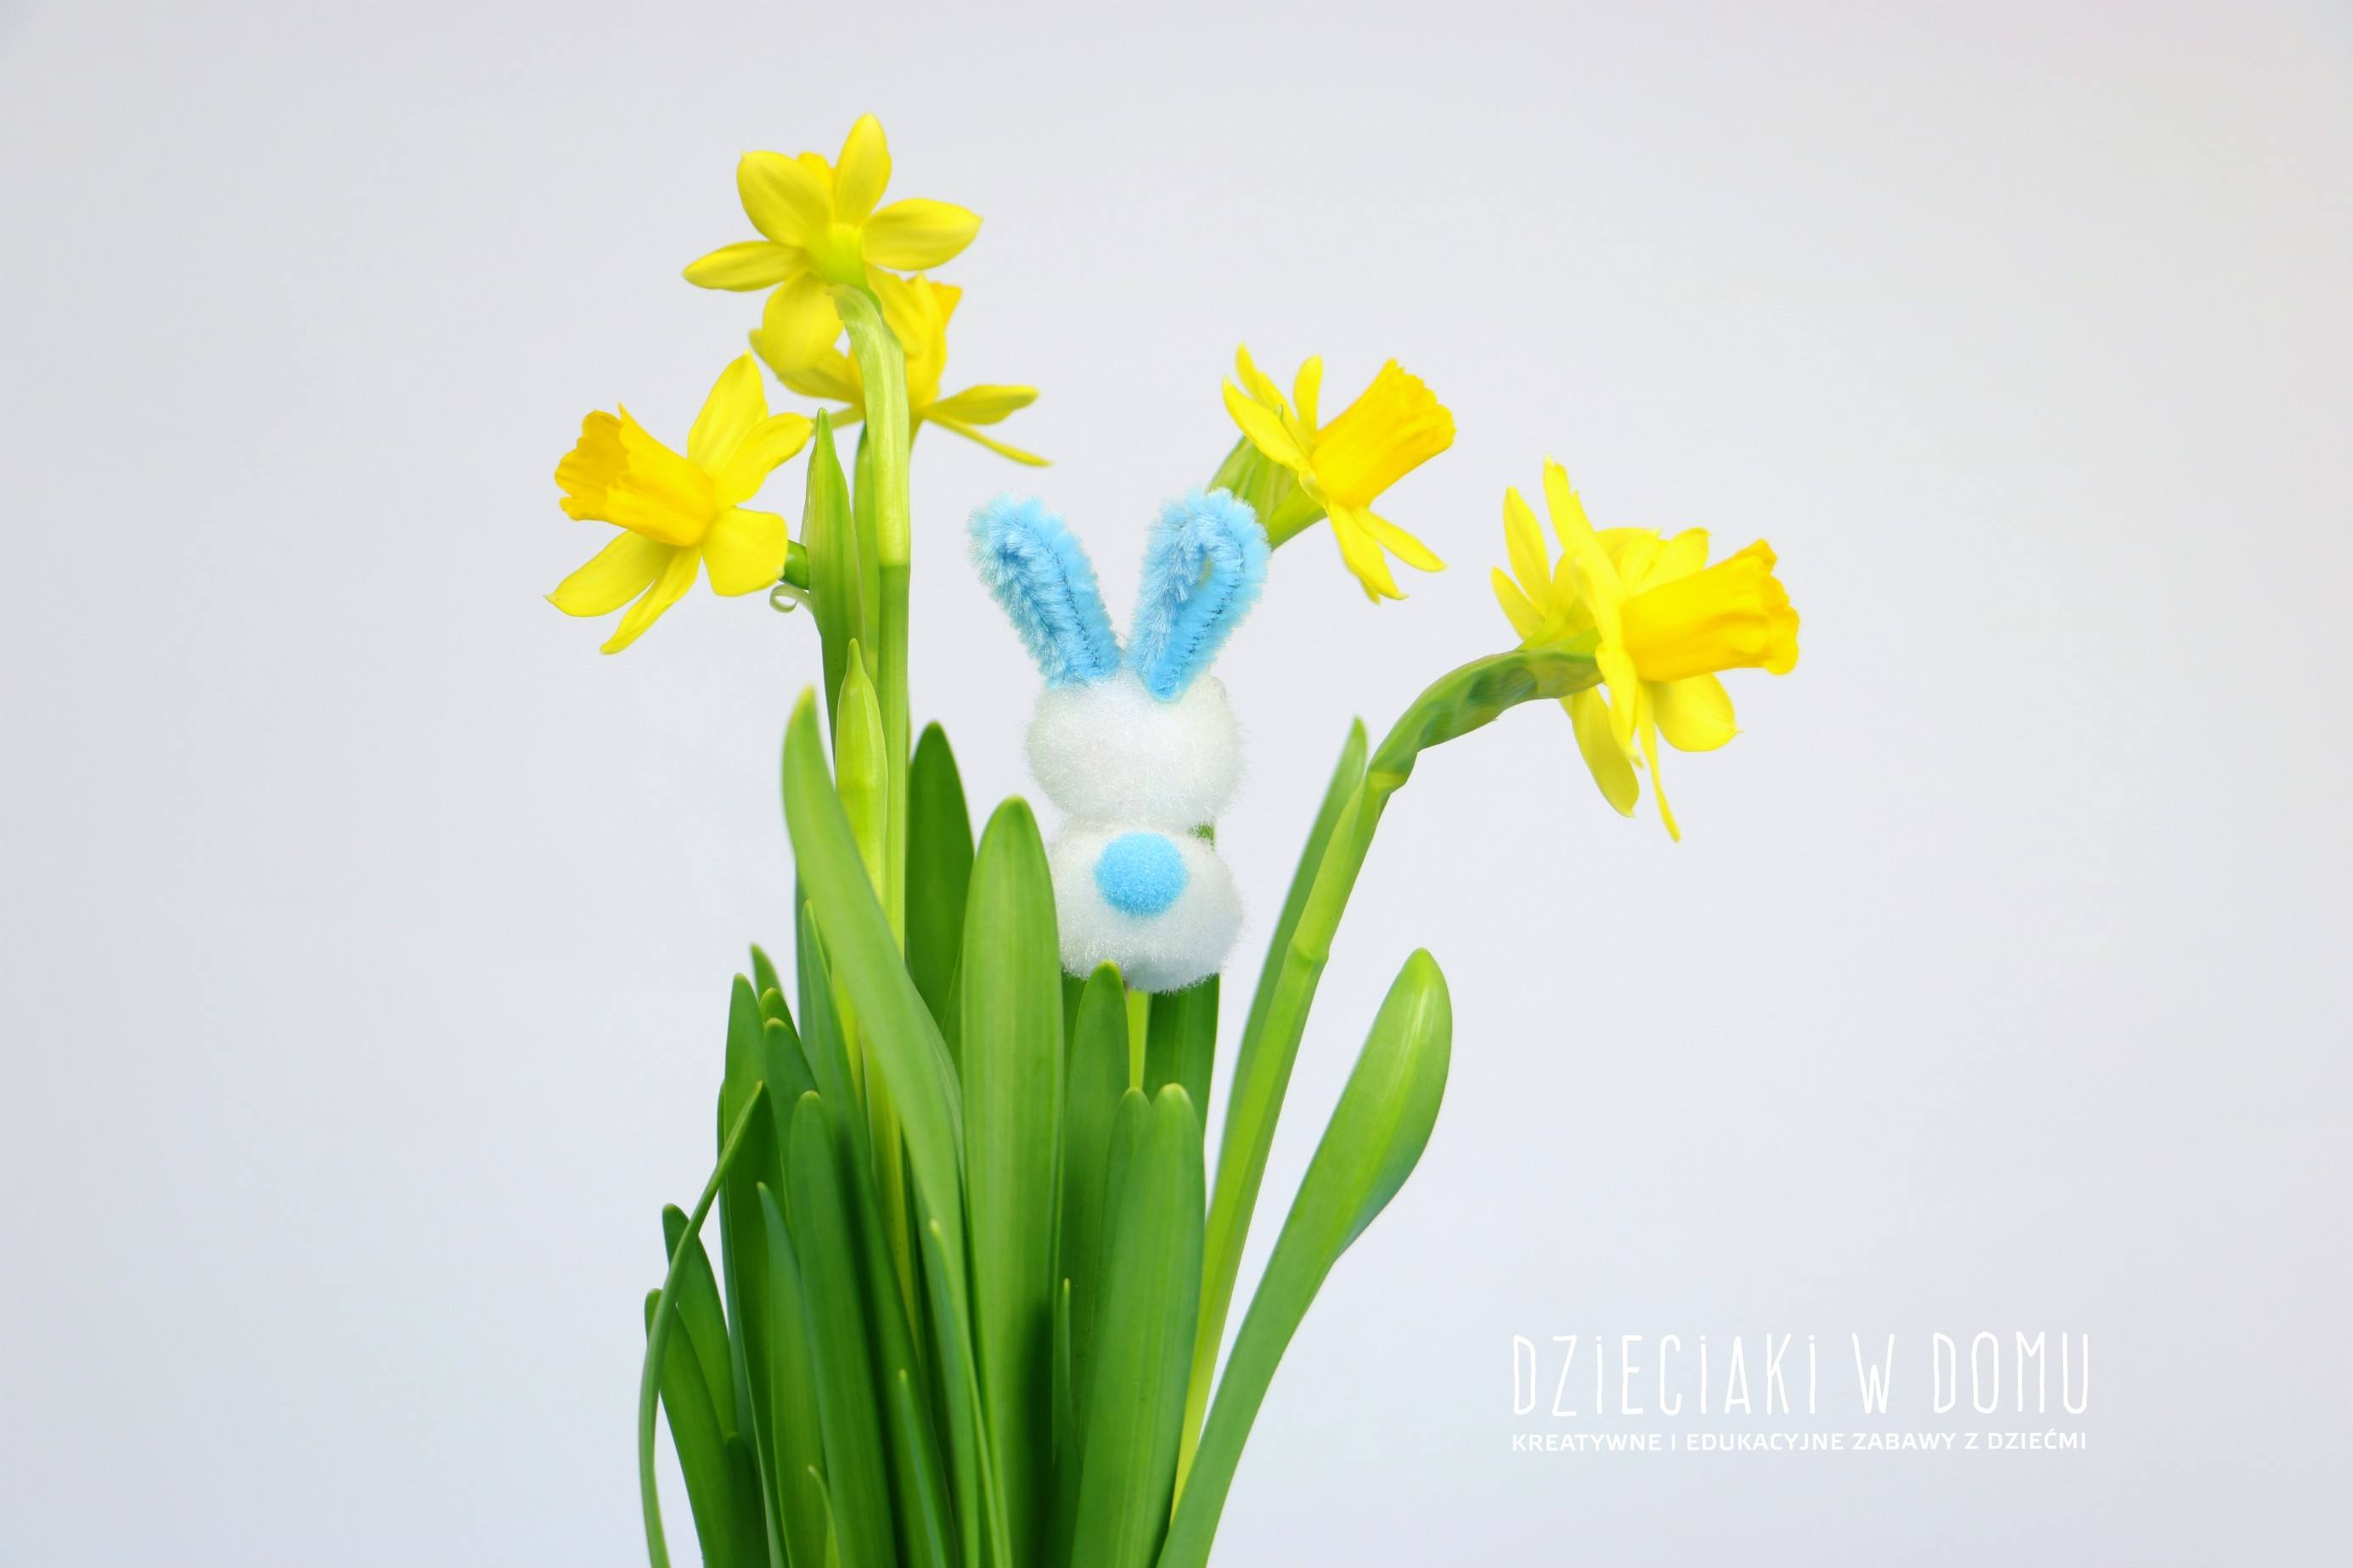 zajaczek i kurczak - dekoracja wielkanocna